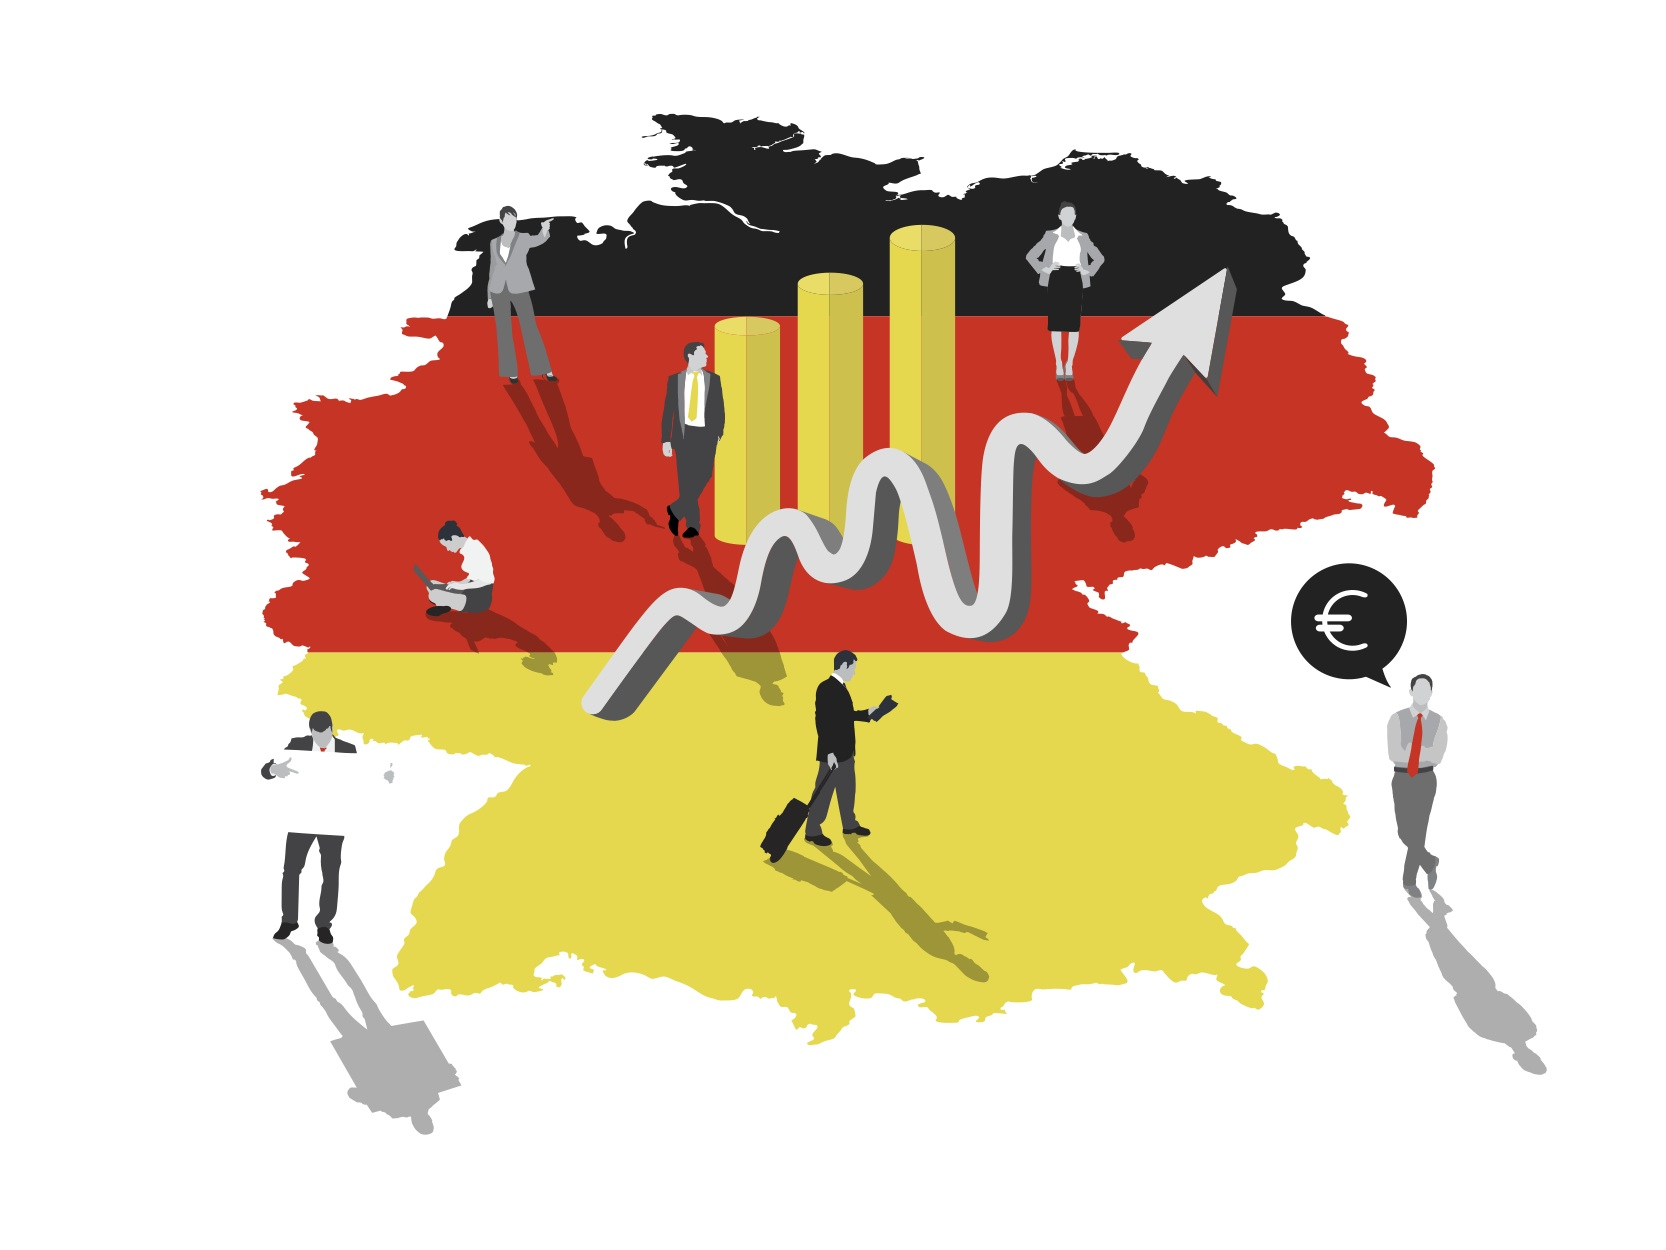 تفاؤل الأعمال في ألمانيا يدعم ارتفاع اليورو